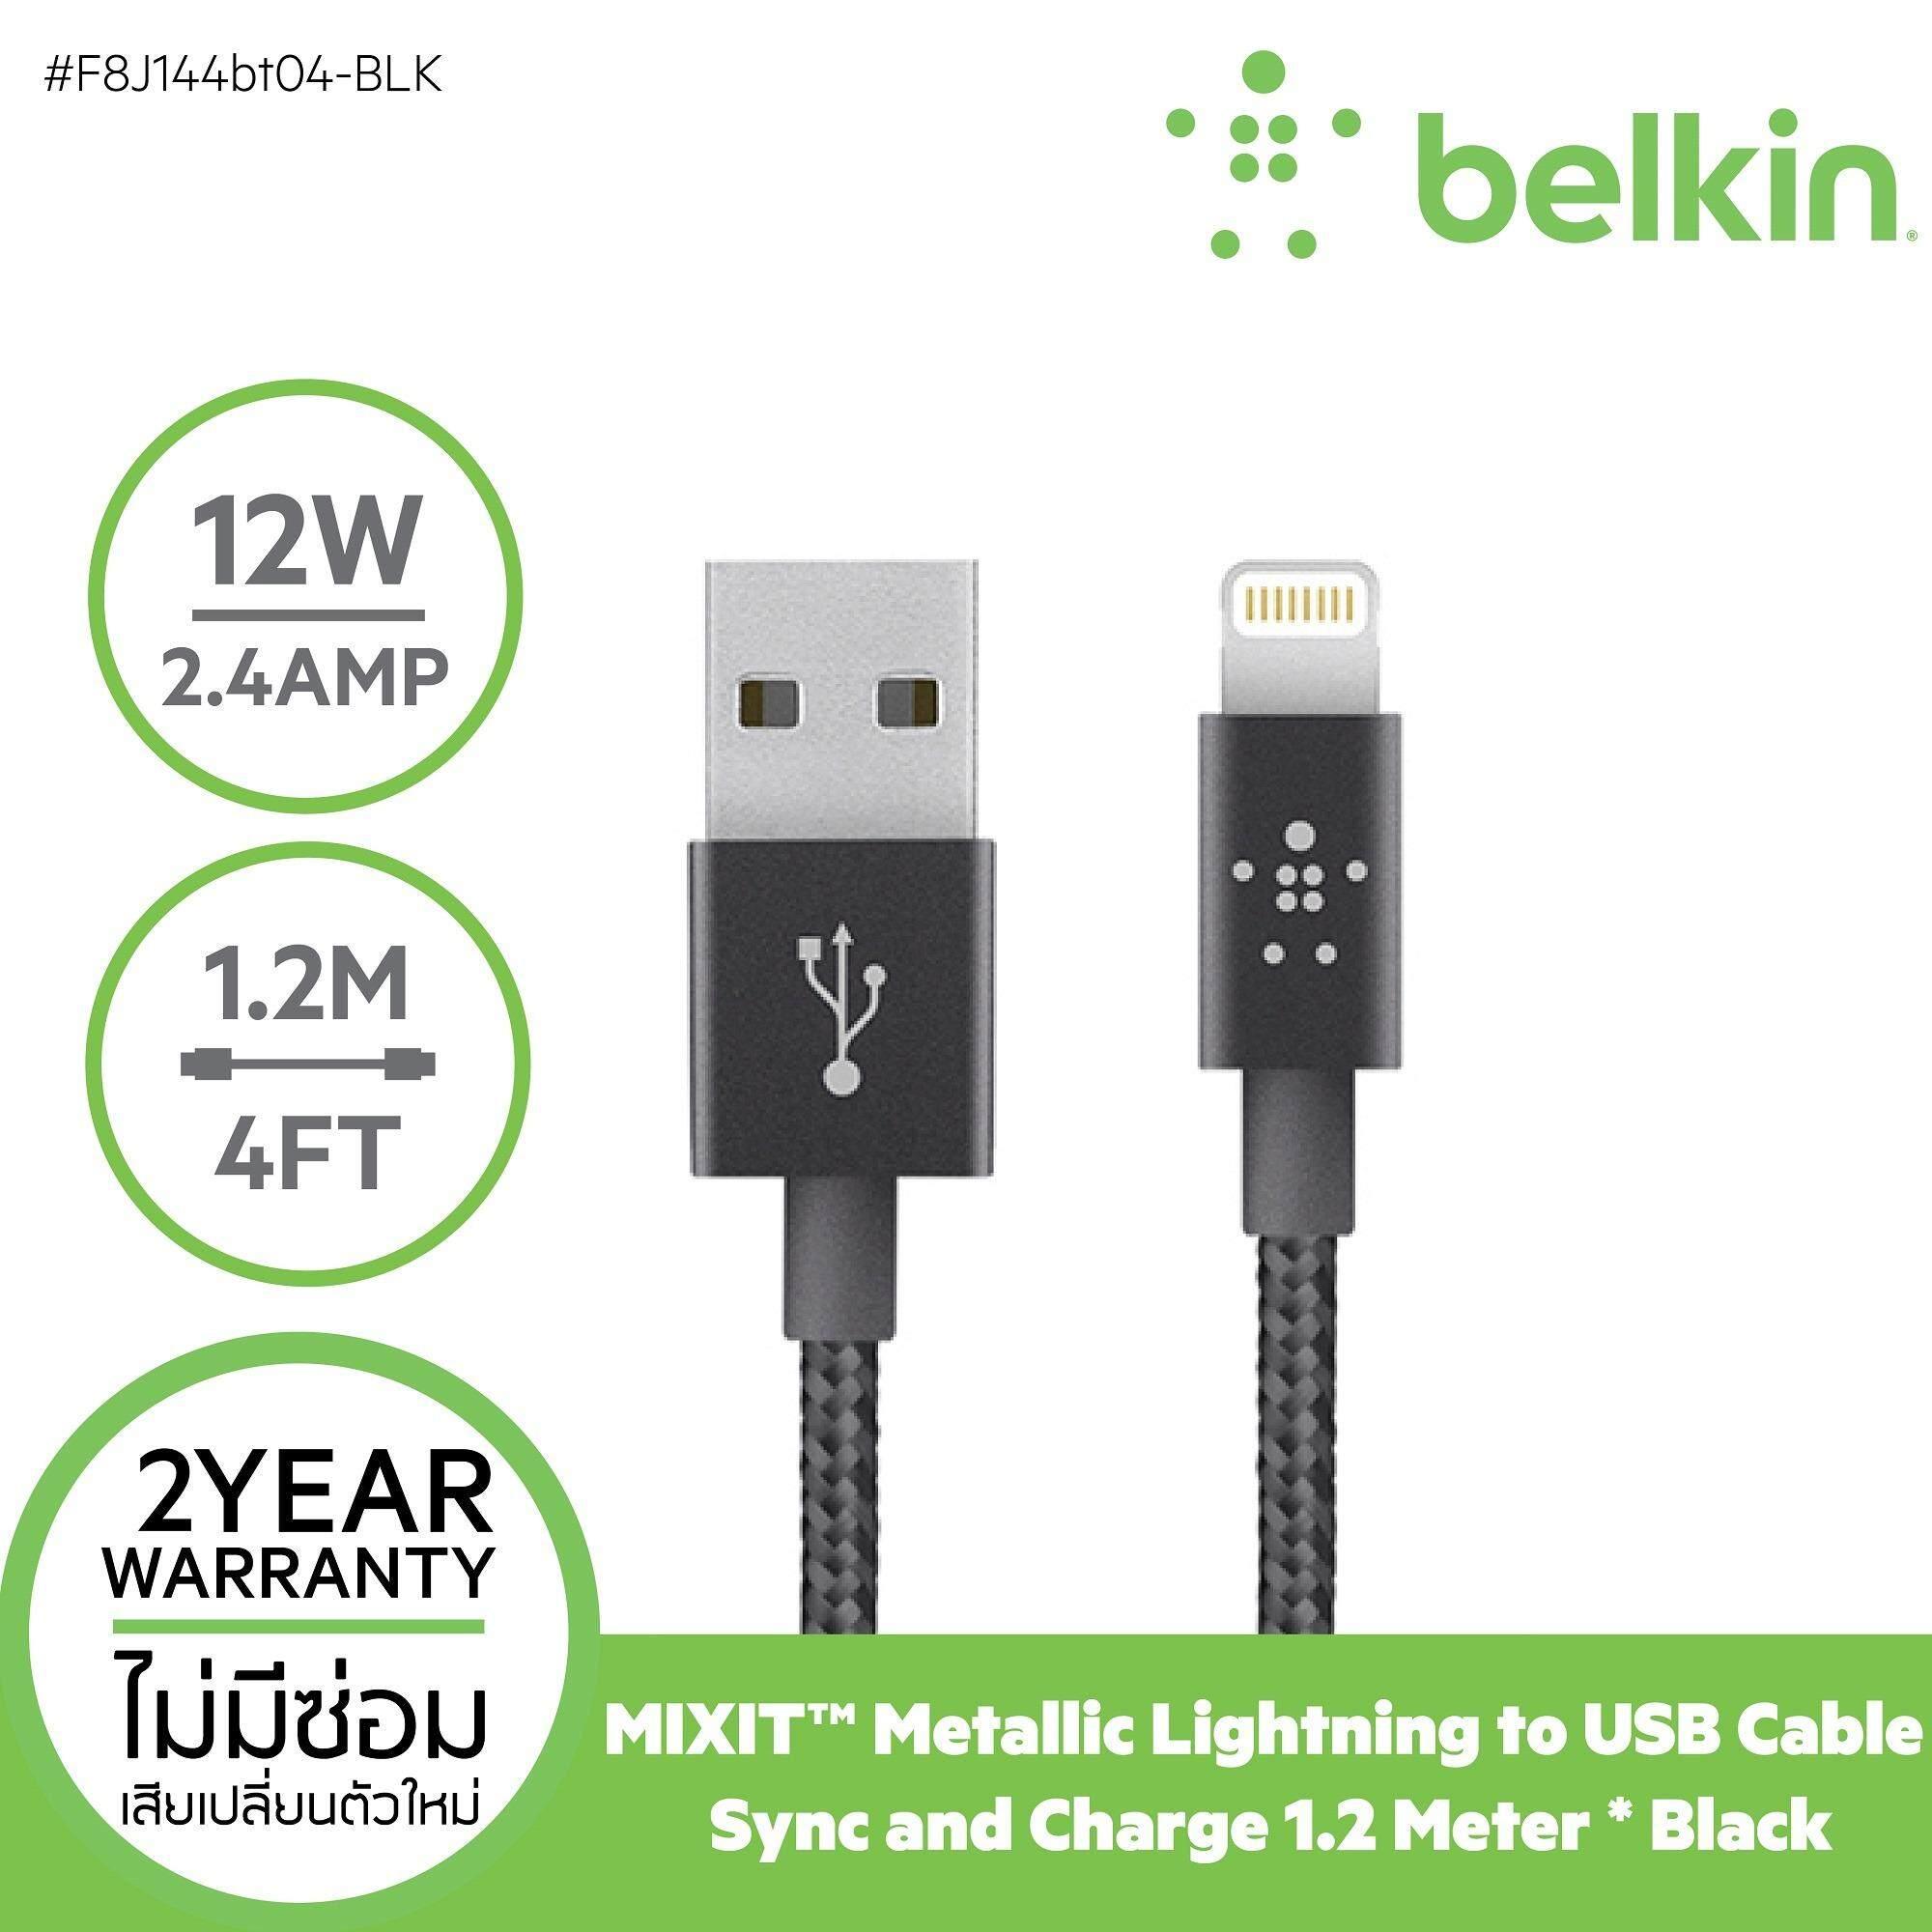 ขาย Belkin สายชาร์จไอโฟน รุ่น Belkin Charge And Sync Cable Metallic Lightning 1 2 เมตร สายชาร์จ สายถัก เบลคิน F8J144Bt04 Blk สำหรับ Iphone Ipad ผู้ค้าส่ง